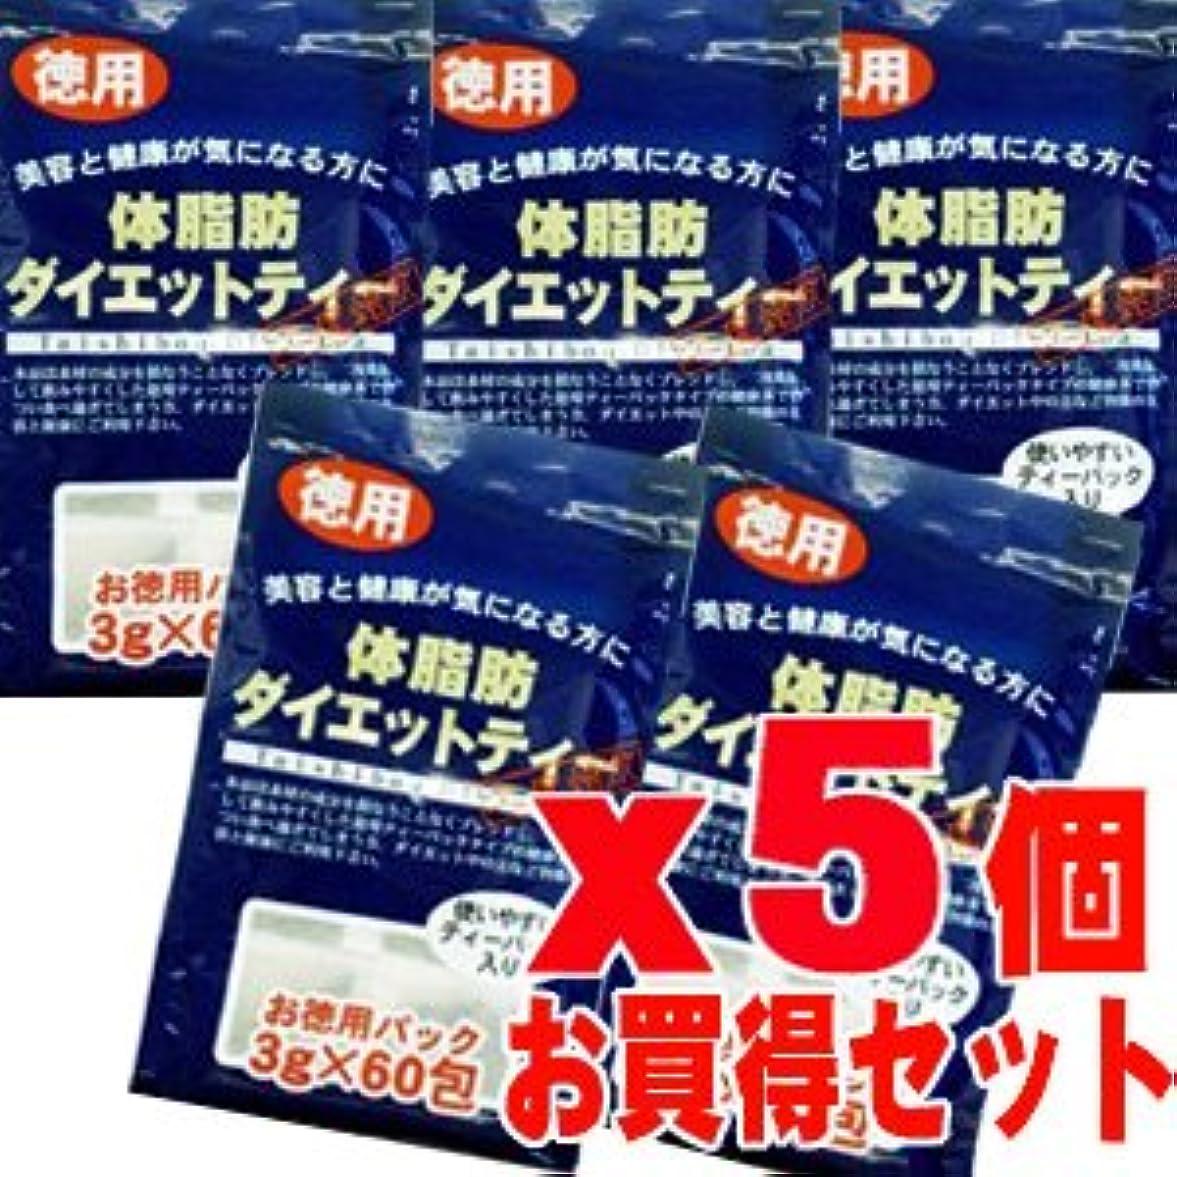 化学の量宿るユウキ製薬(株)徳用 体脂肪ダイエットティー5個セット